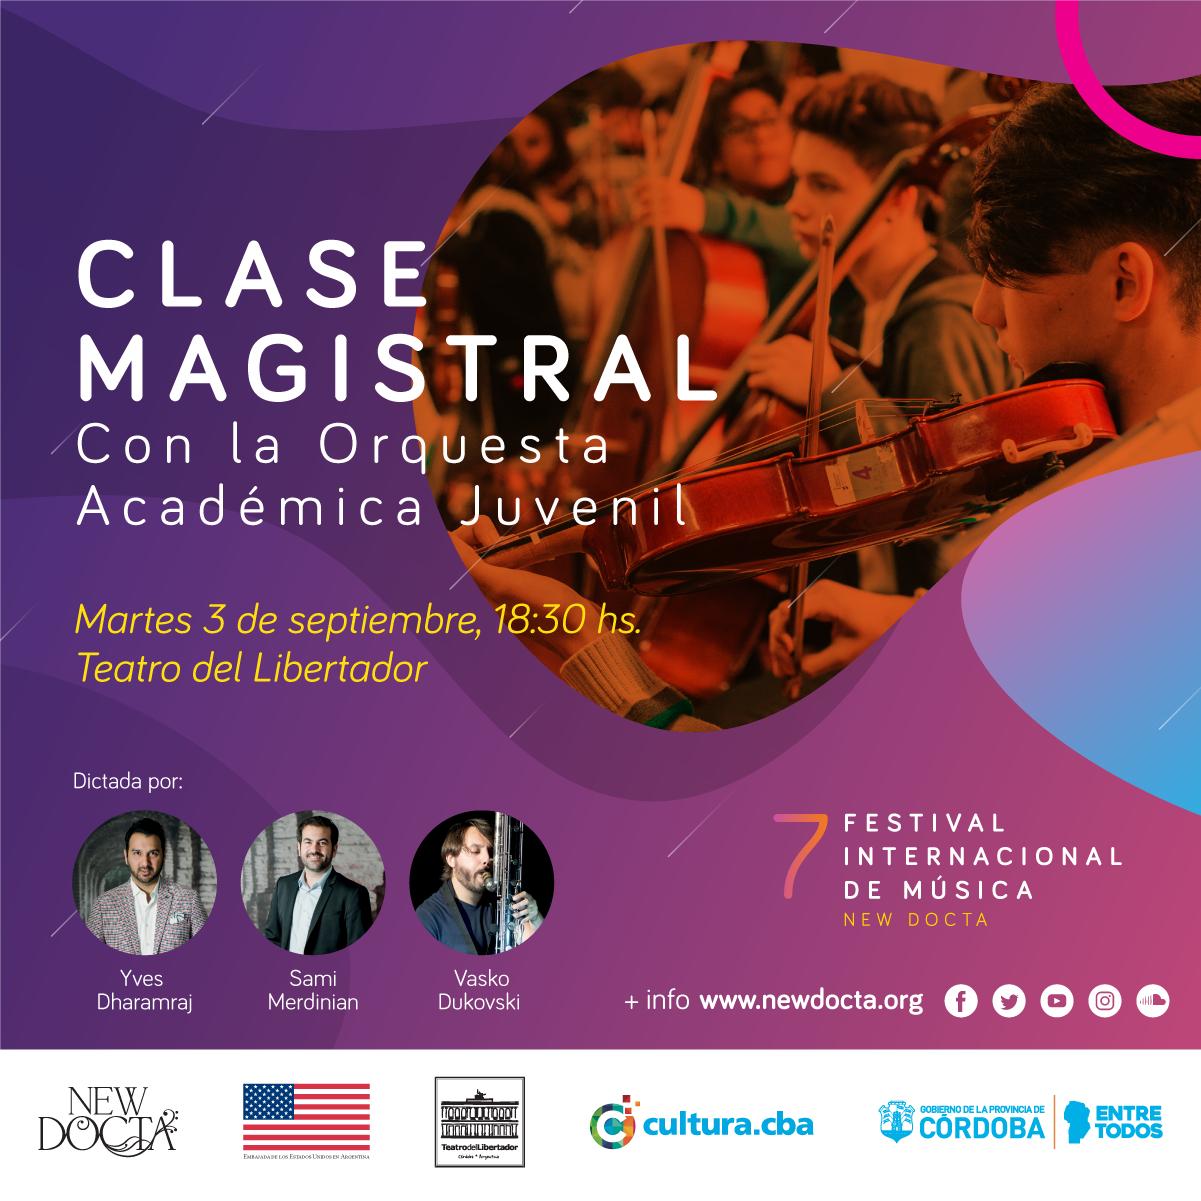 Clase Magistral con la Orquesta Académica Juvenil - Martes 3/9/201918:30 a 20:00 hs.: Violines y Violas, Sala Mayor18:30 a 20:00 hs.: Cellos y Bajos, Sala Tejeda20:00 a 21:30 hs.: Vientos, Sala MayorTeatro del LibertadorVélez Sársfield 365, Córdoba